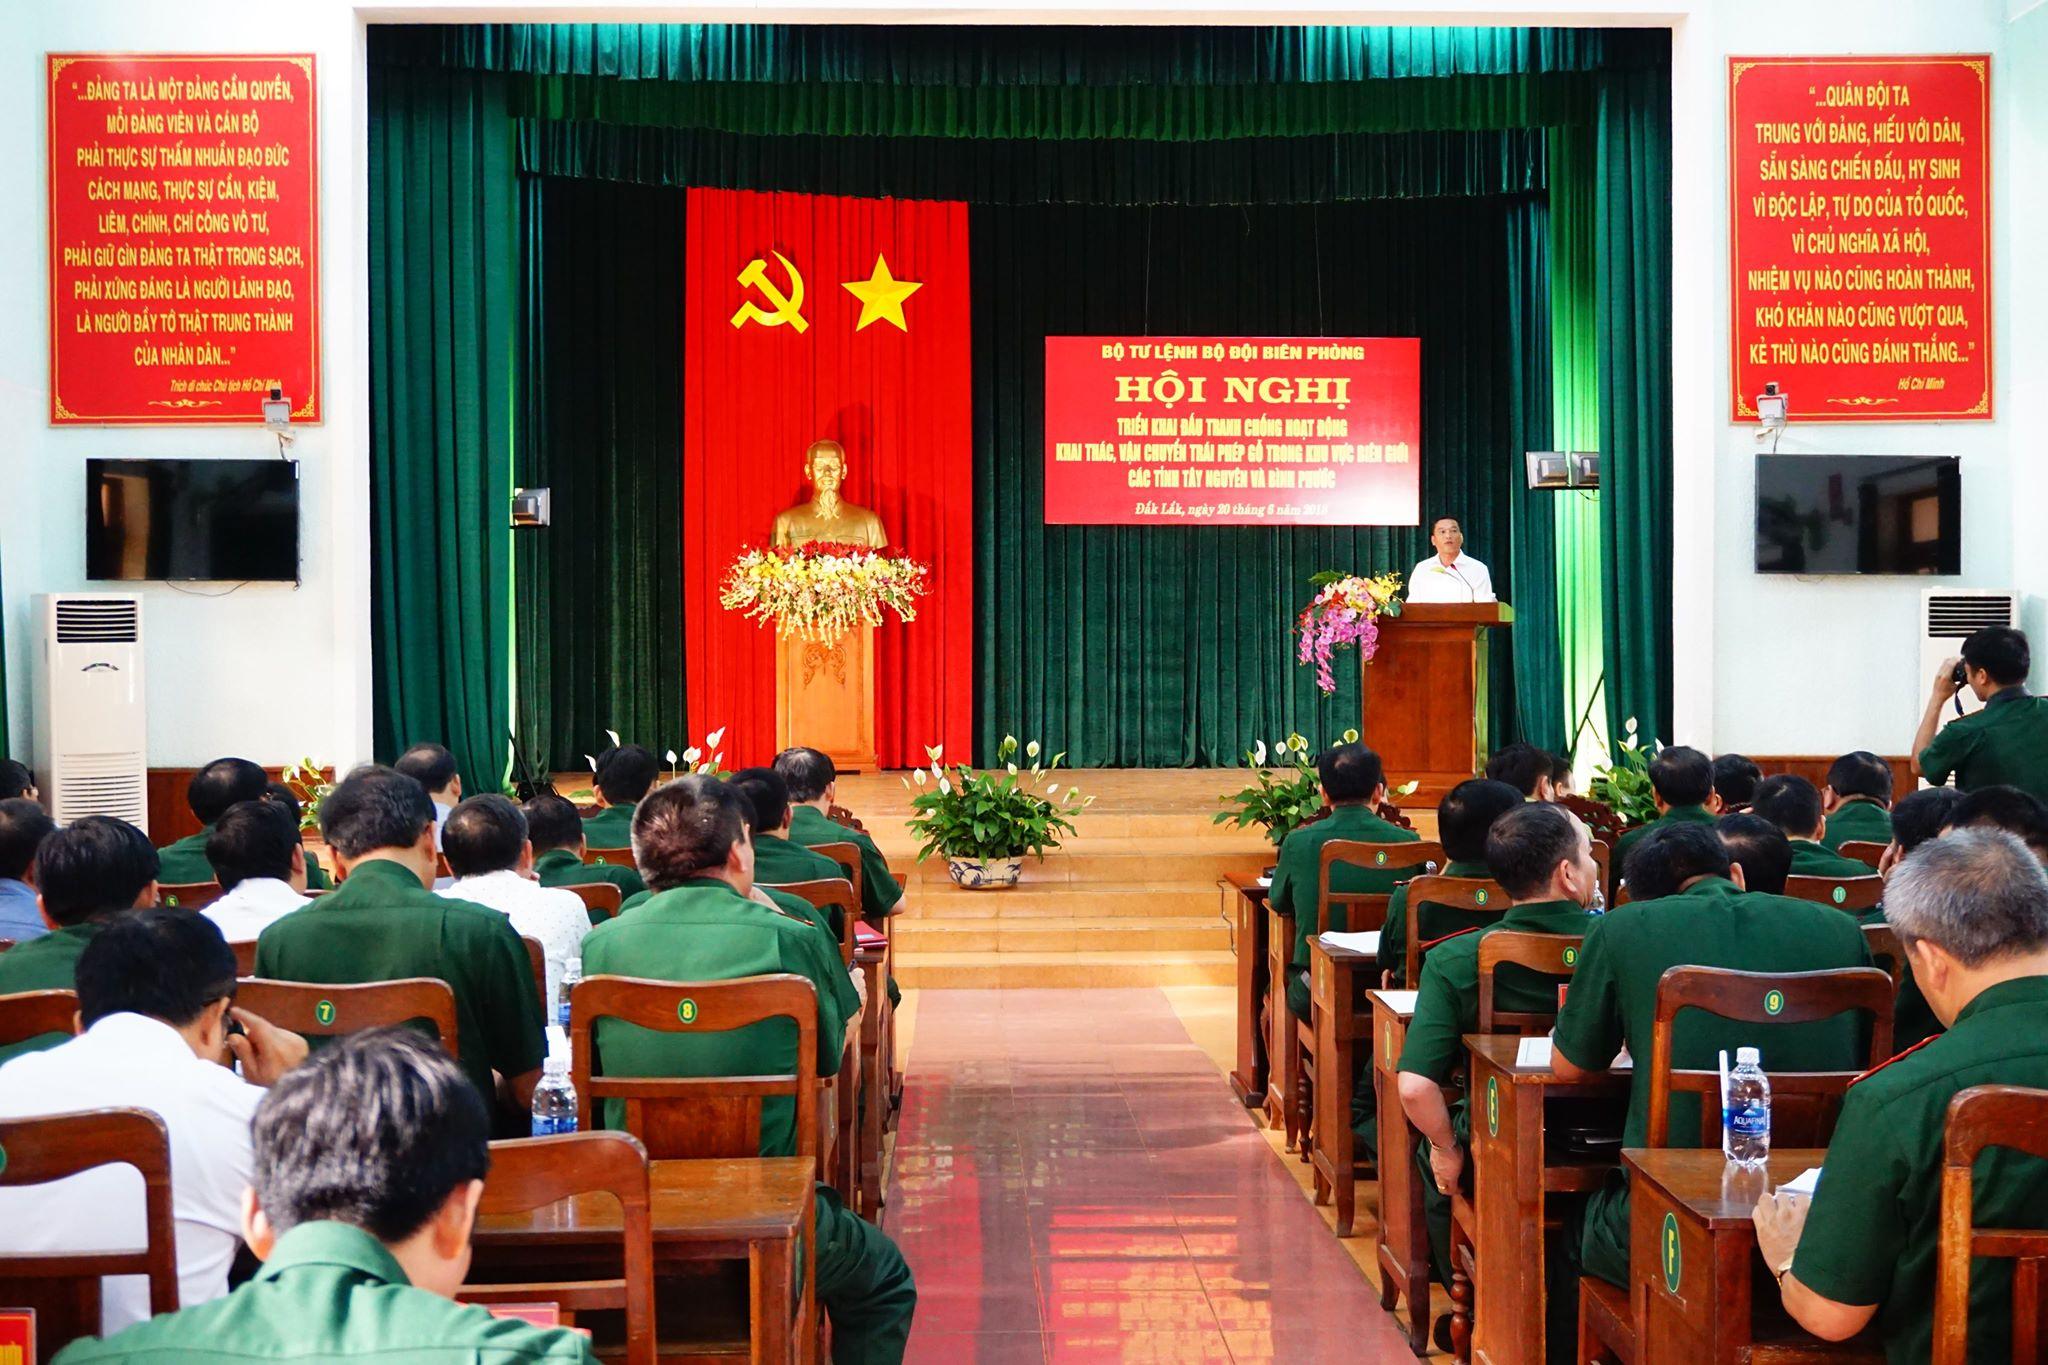 Đấu tranh chống khai thác, vận chuyển gỗ trái phép khu vực biên giới các tỉnh Tây Nguyên và Bình Phước